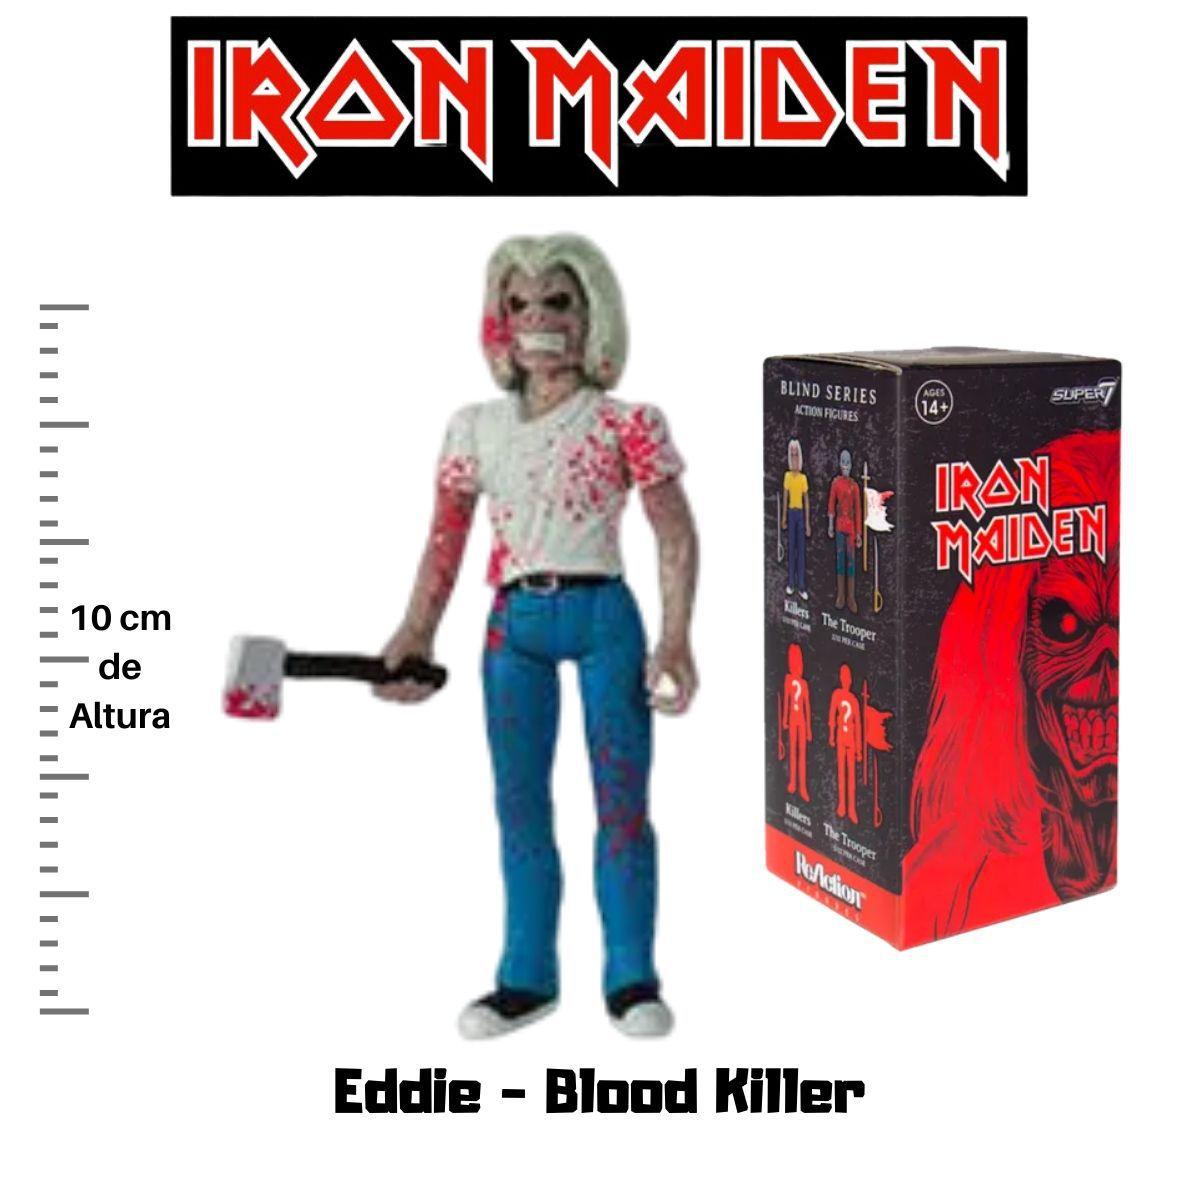 Boneco Action Figure Iron Maiden Reaction Eddie Blood Killer  - Game Land Brinquedos